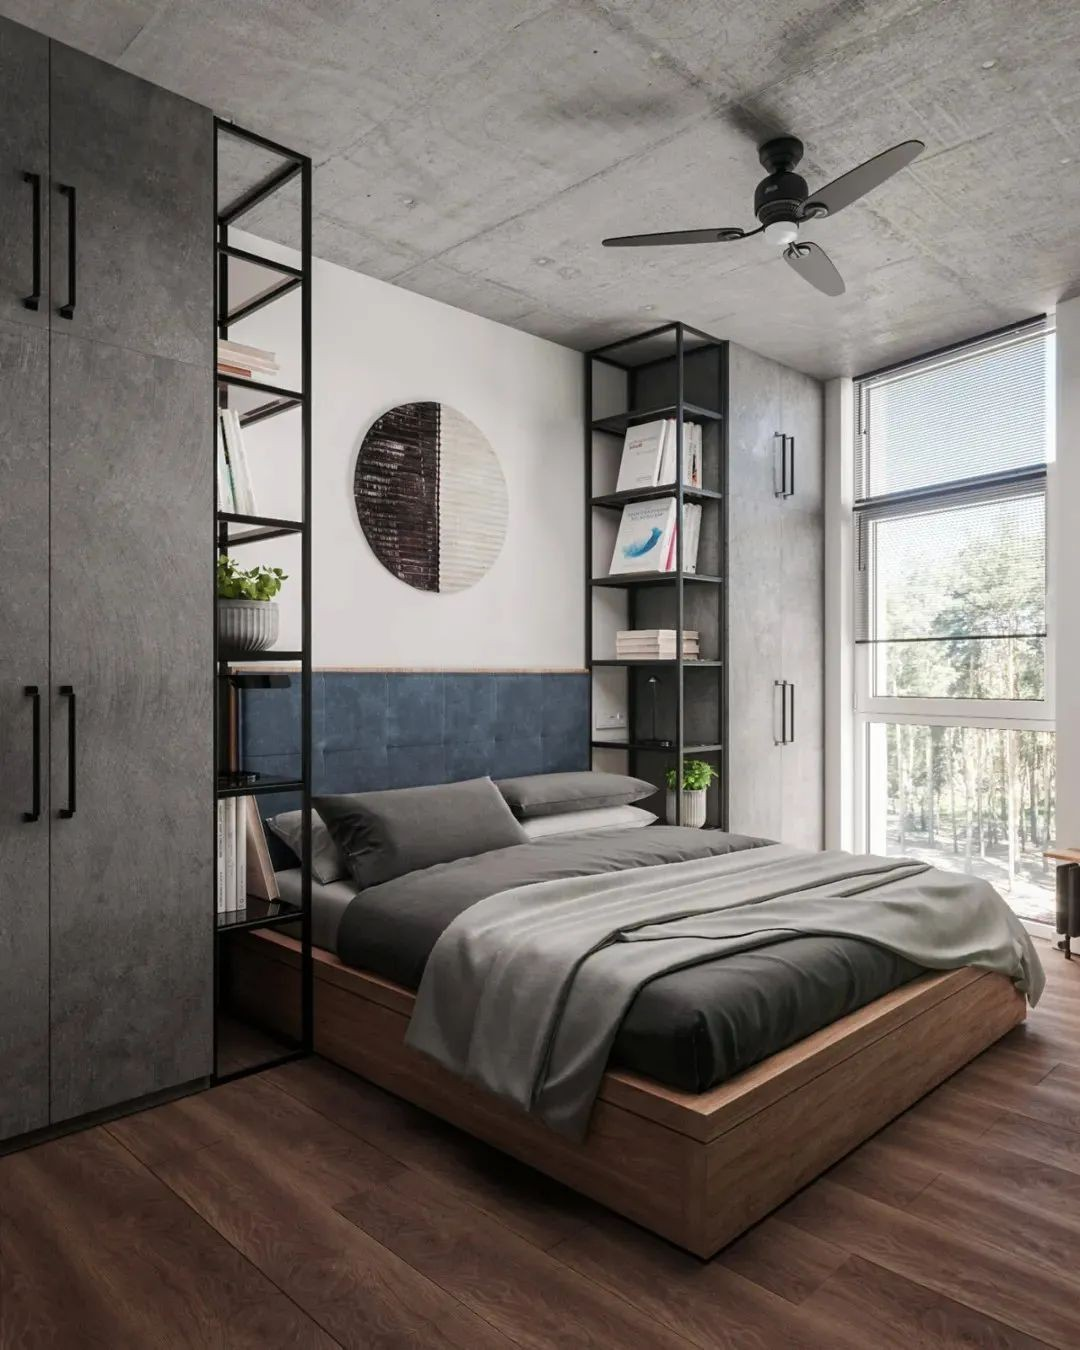 2021工业卧室装修设计图片 2021工业床图片